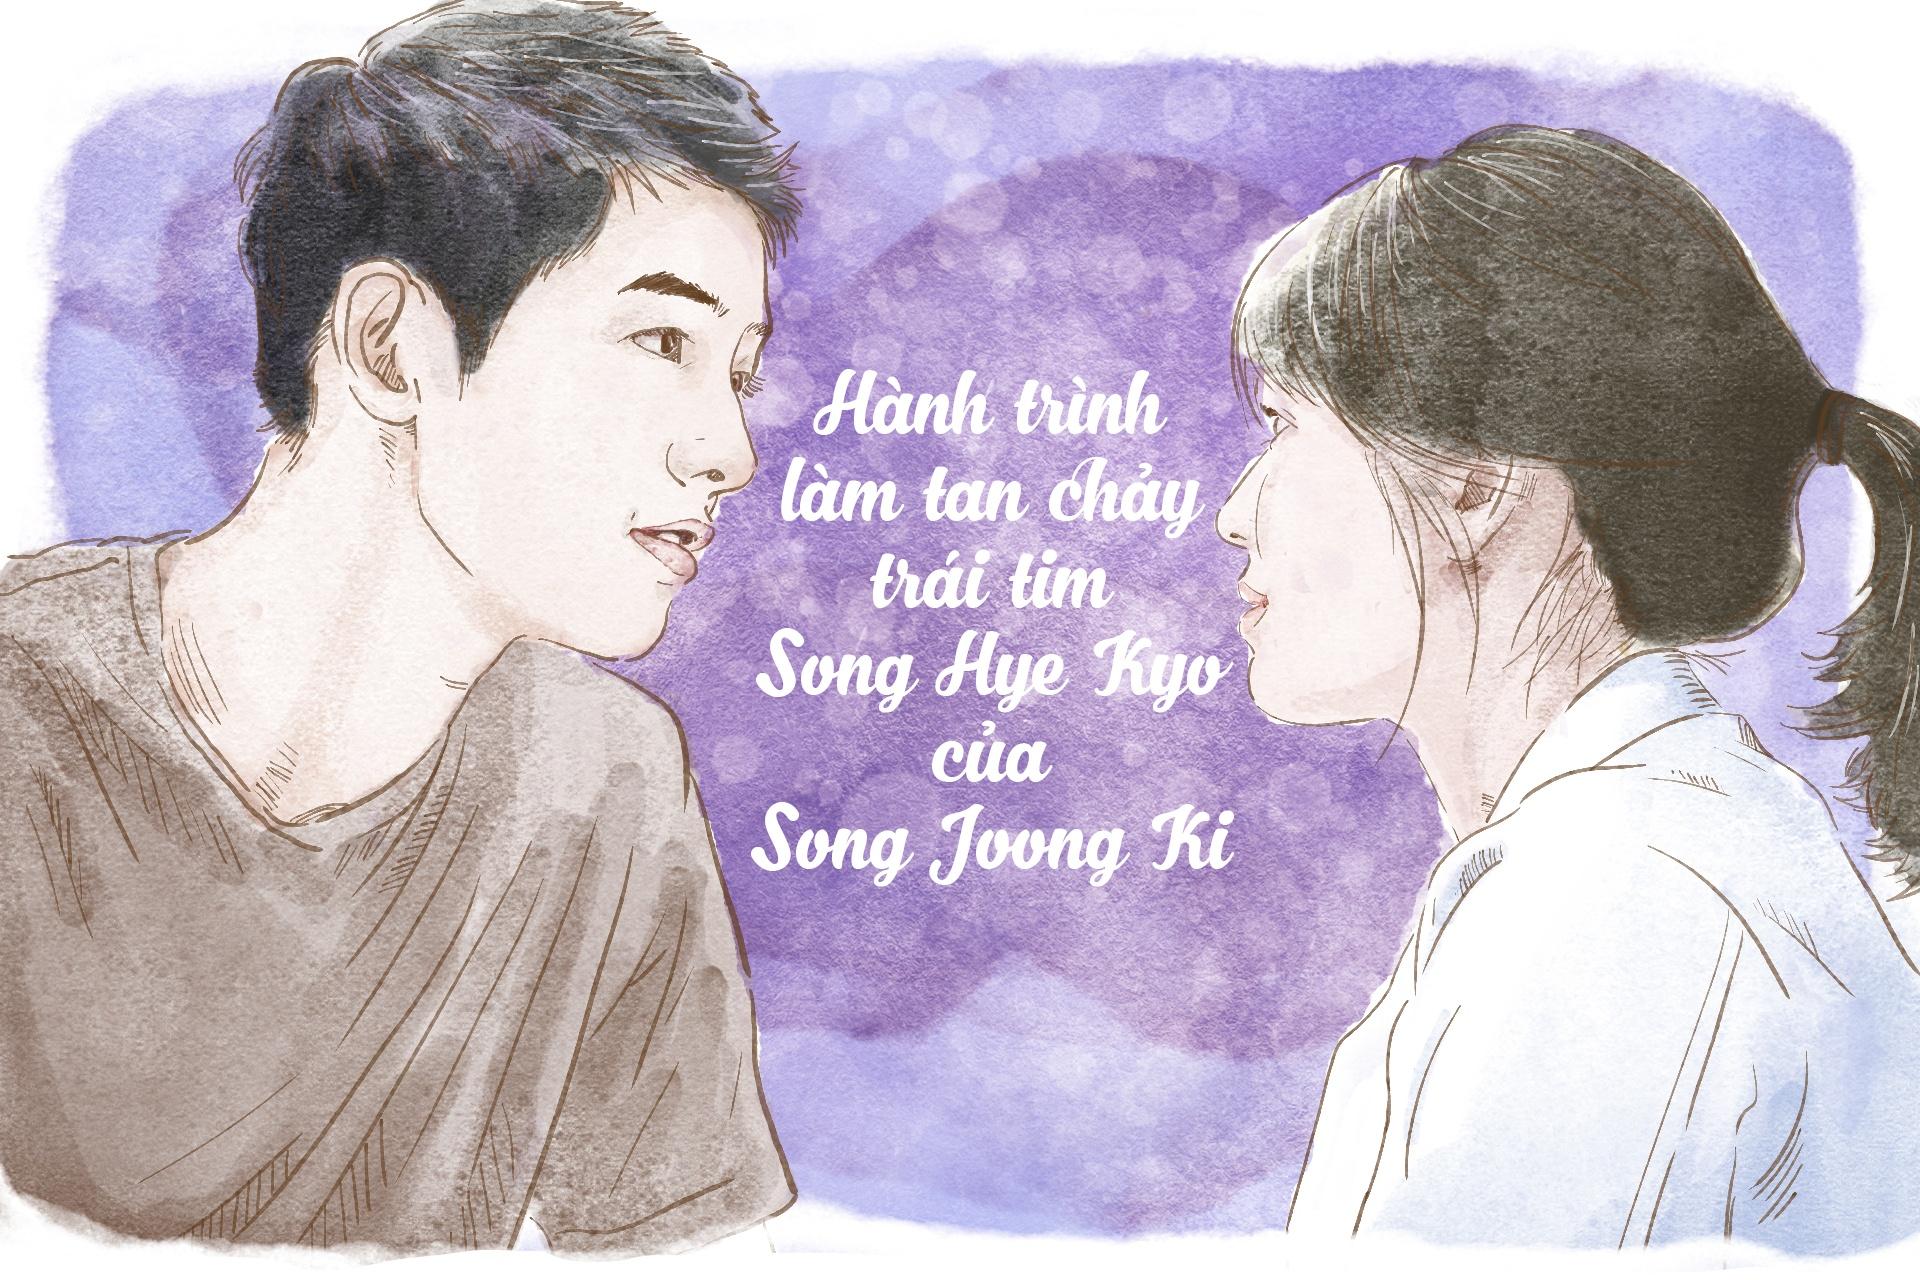 Song Hye Kyo va Song Joong Ki anh 1